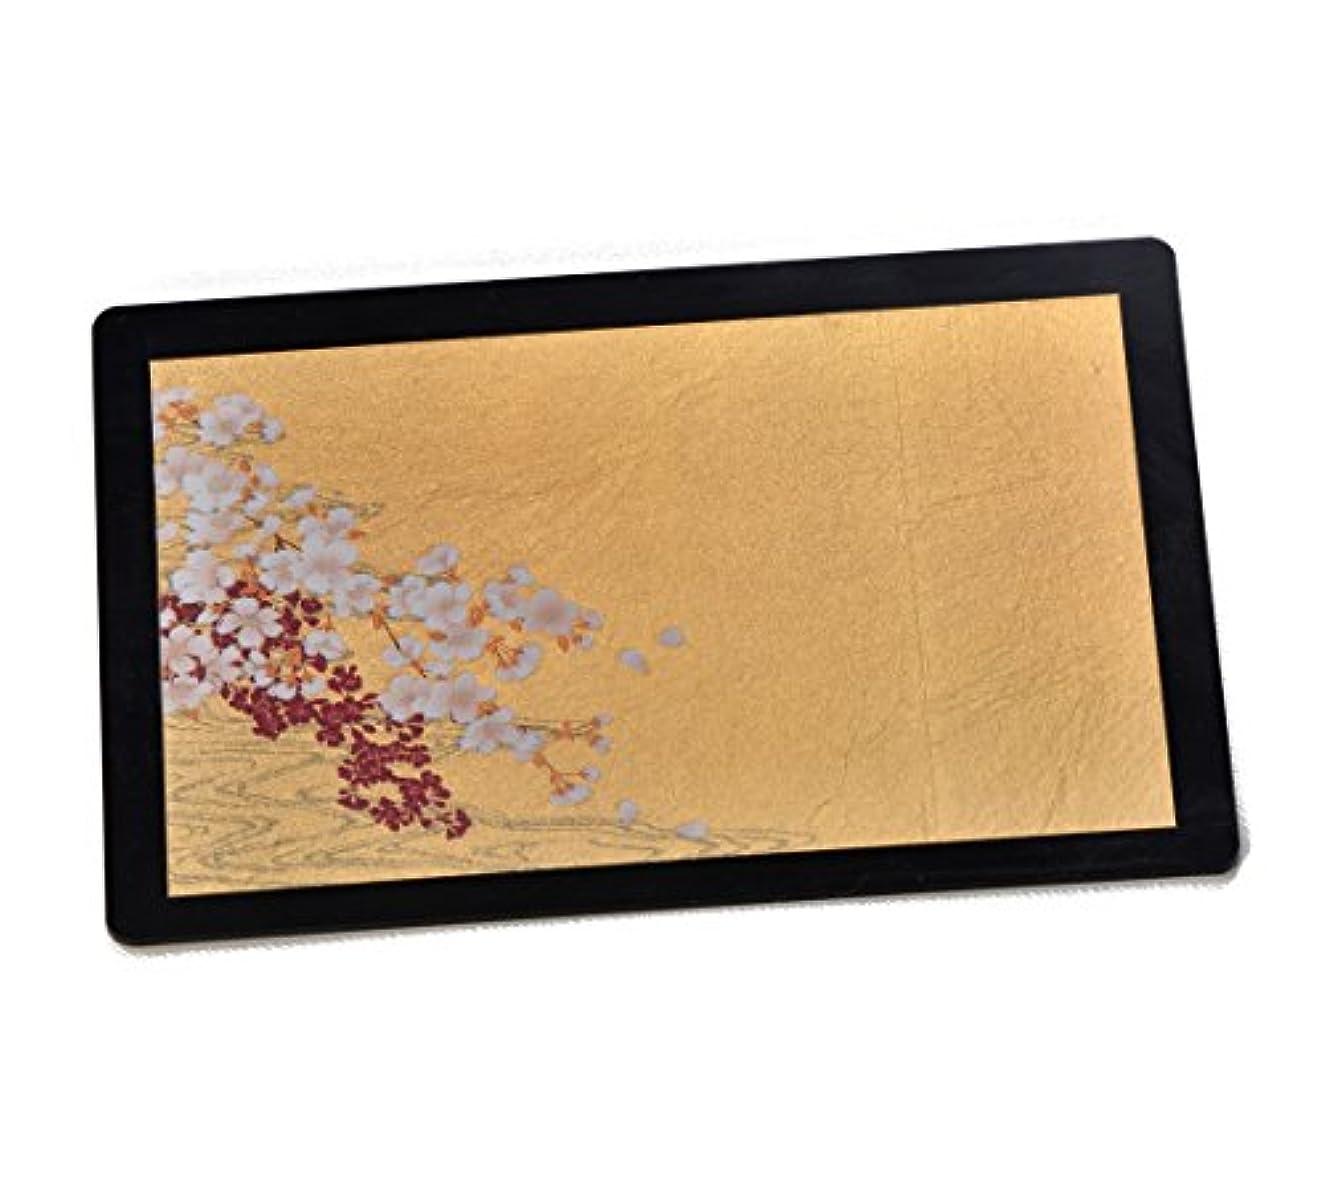 スペア置くためにパック場合箔一 桜に流水 箔マウスパッド ゴールド 167×120×4mm A183-02005